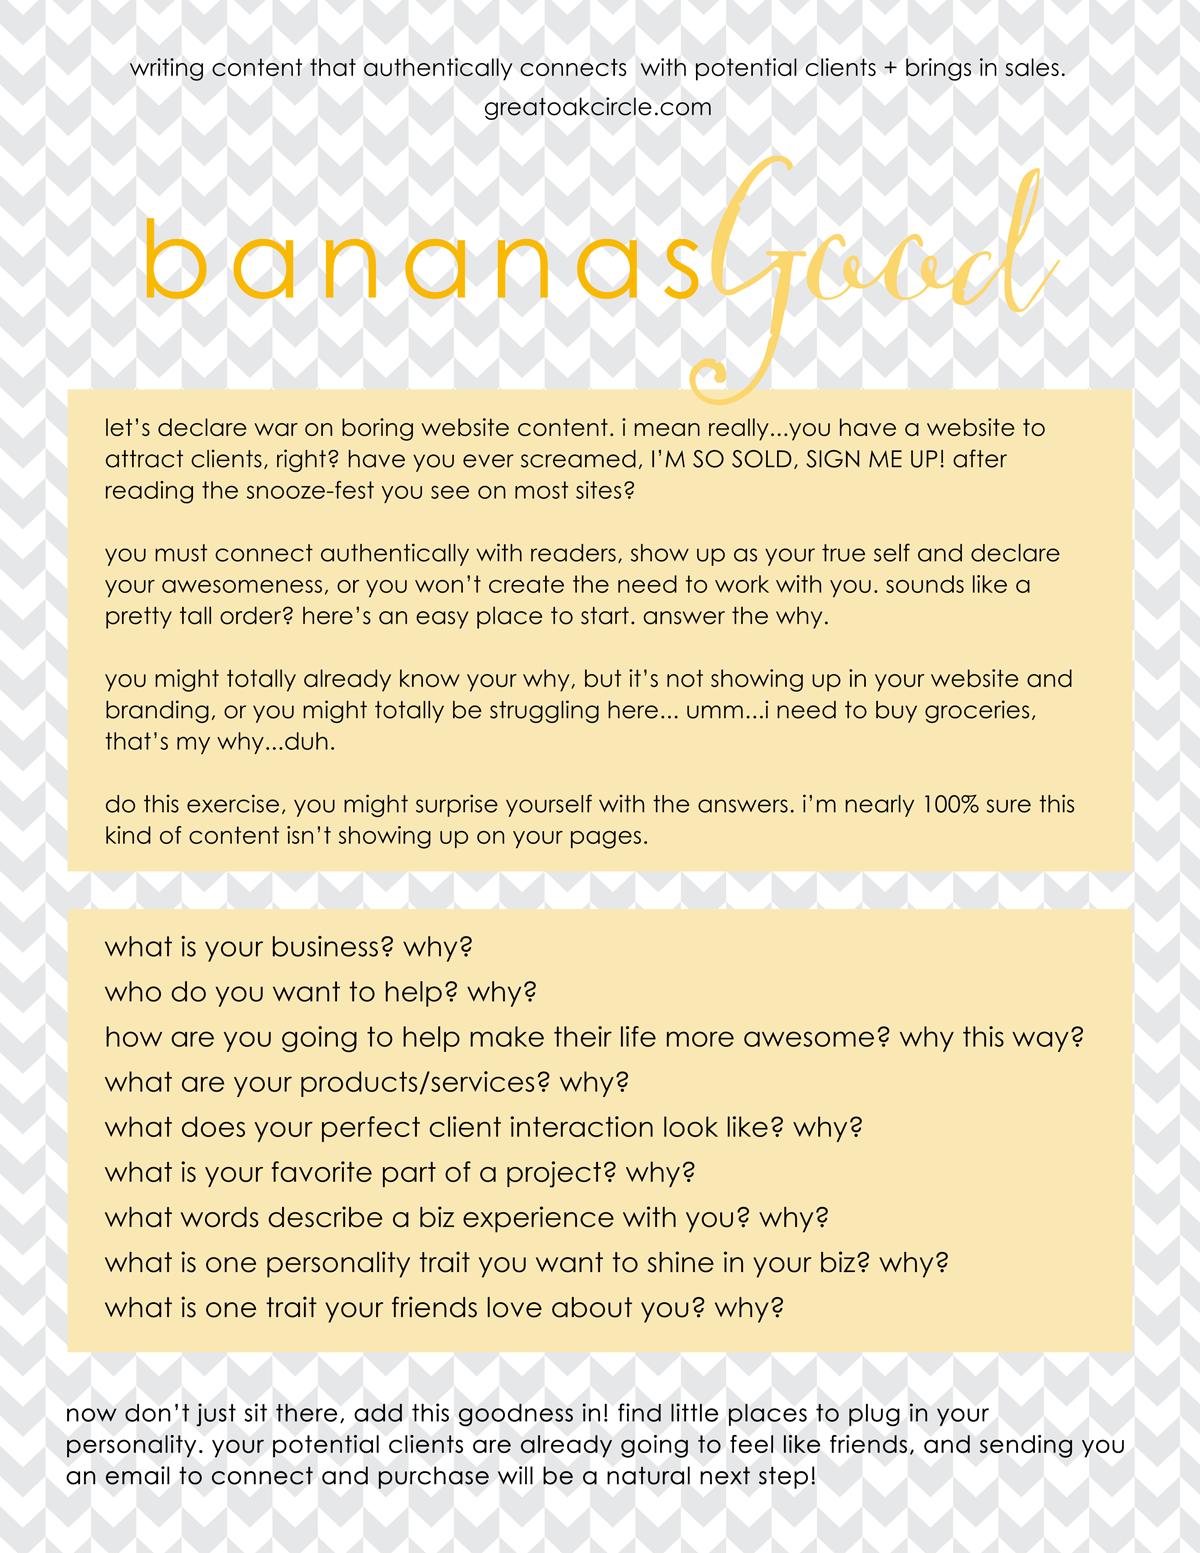 bananasgood-image